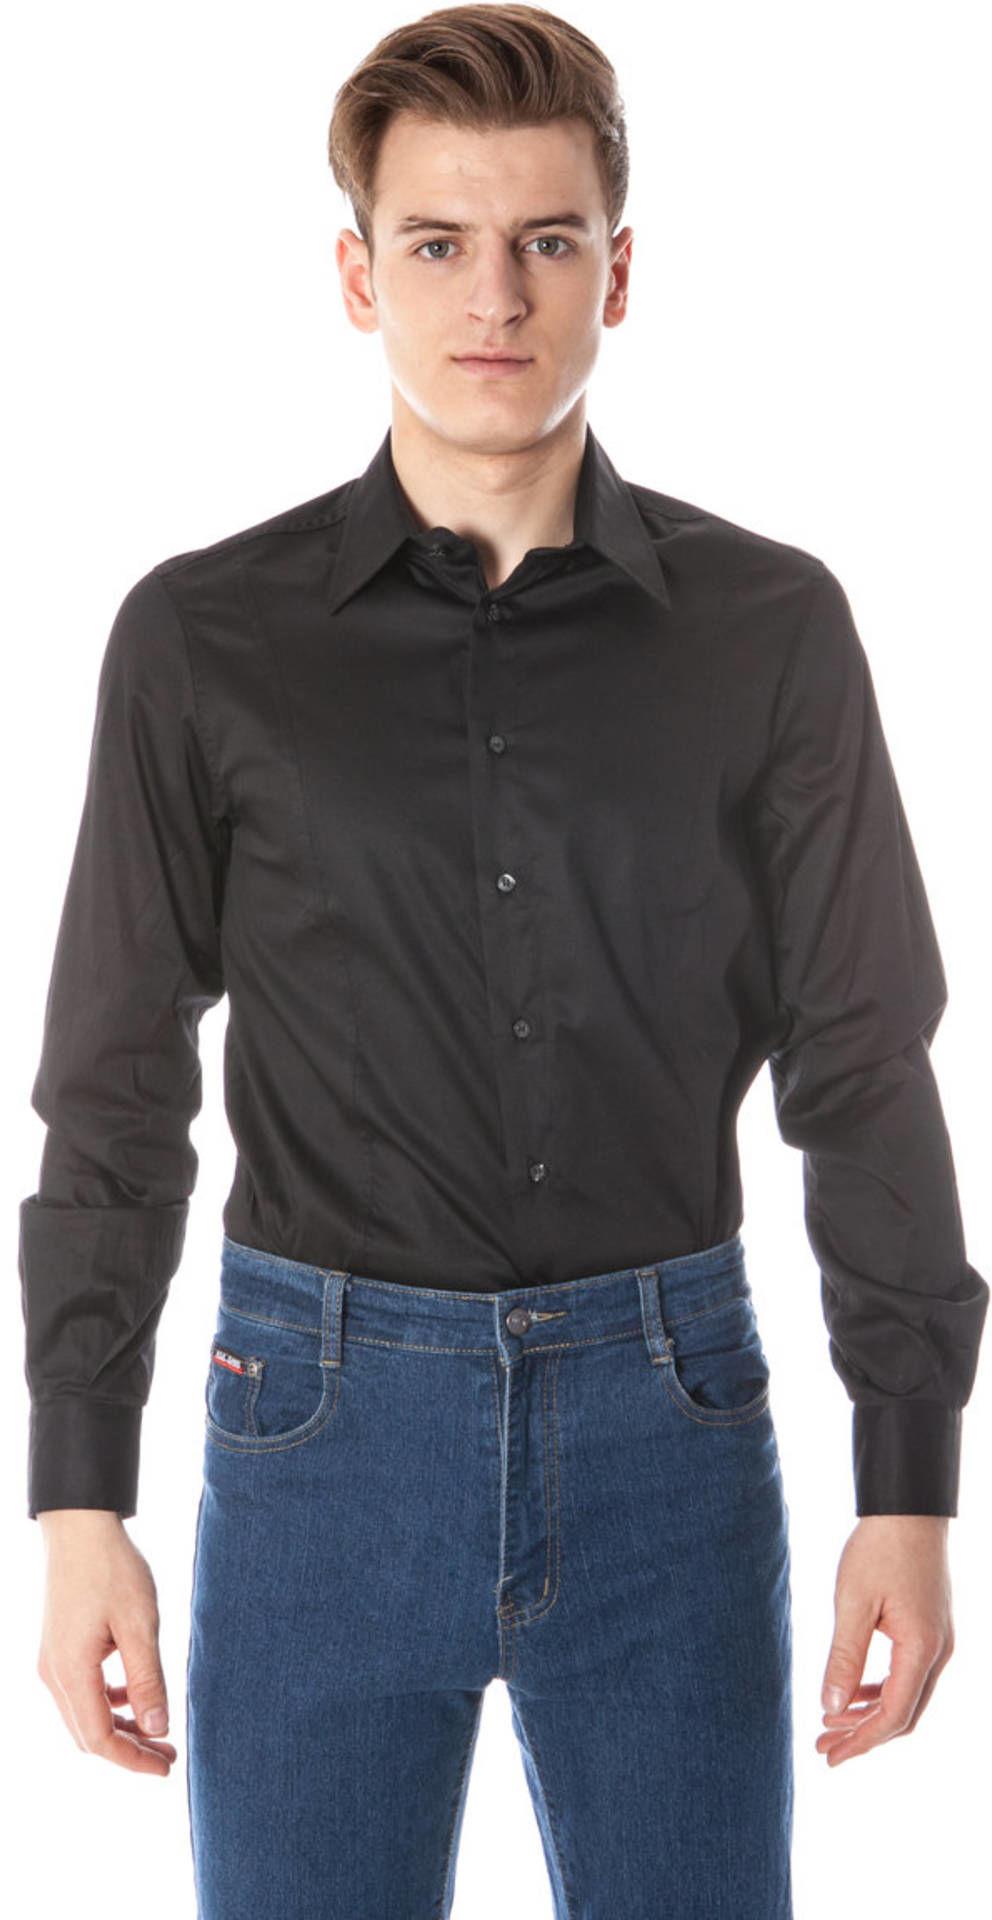 Koszula HP z długim rękawem dla mężczyzn